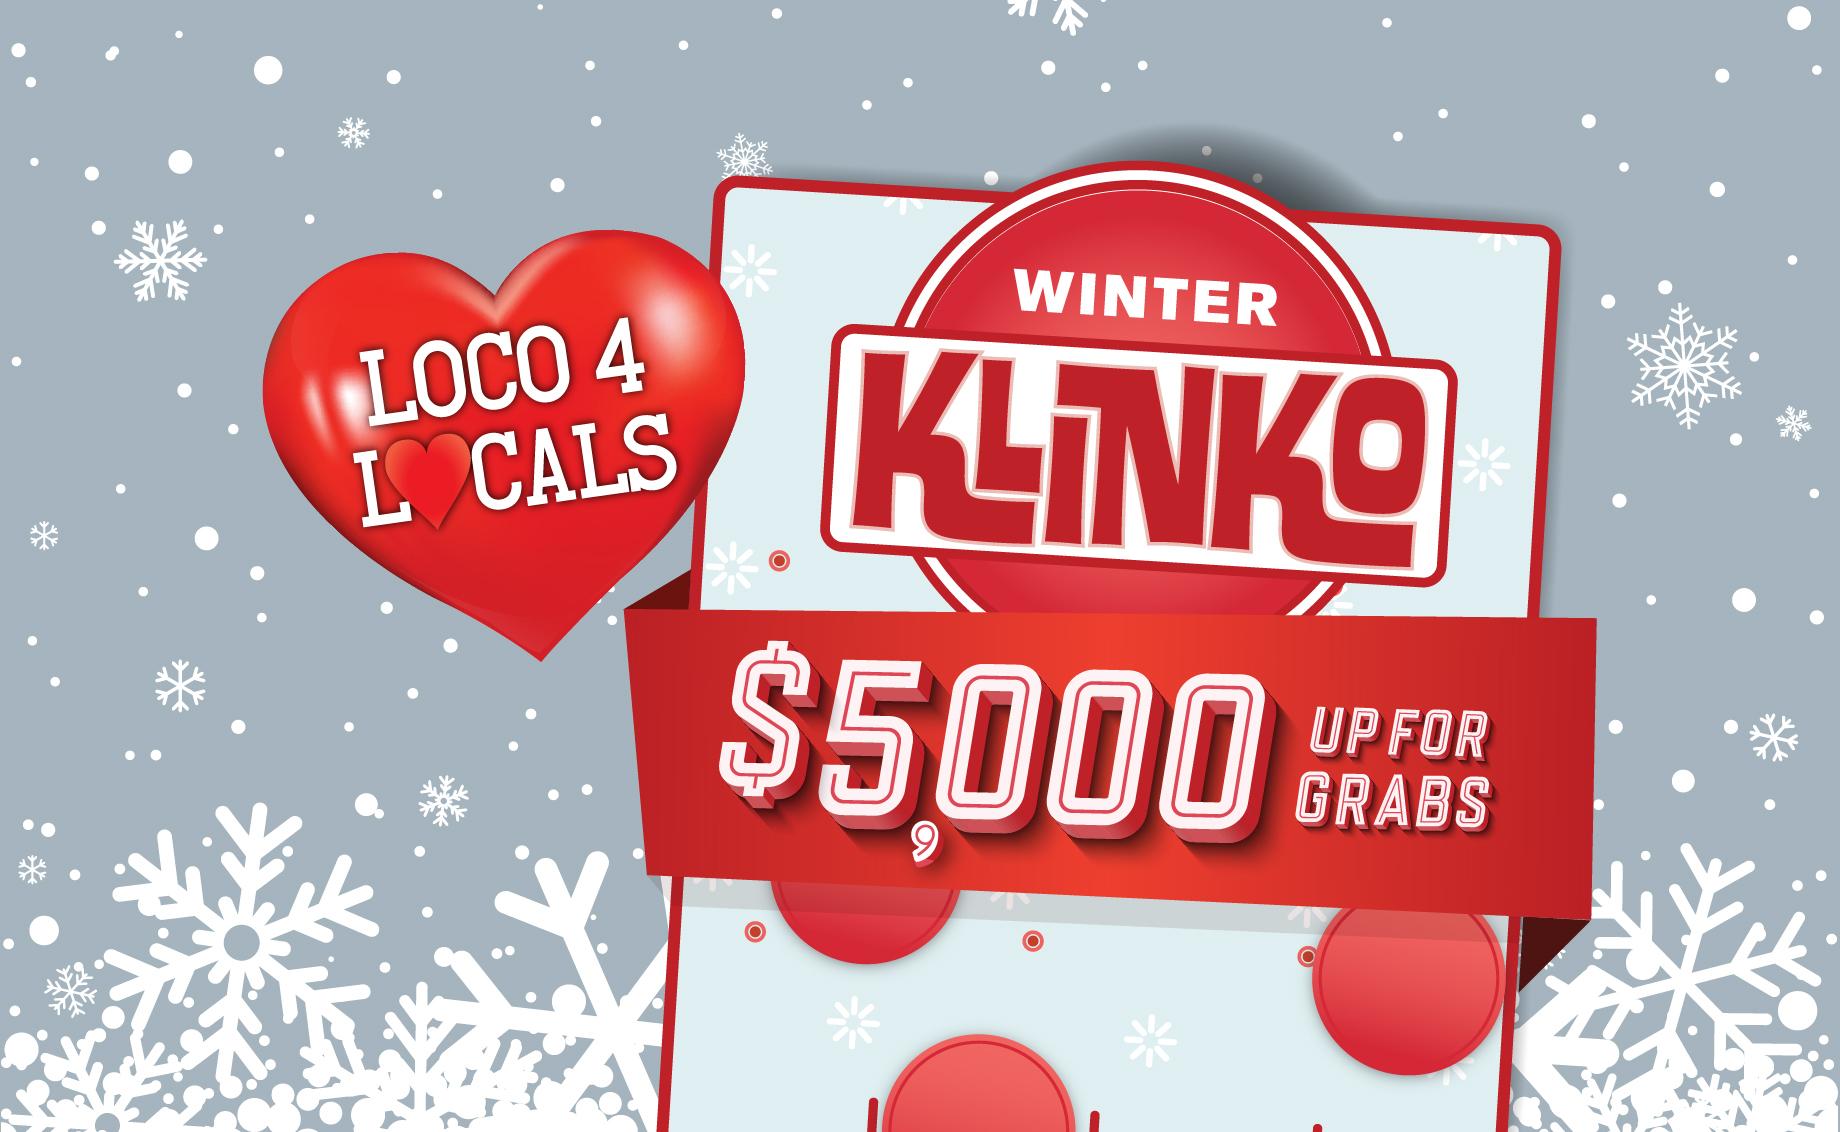 Loco 4 Locals – Winter Klinko